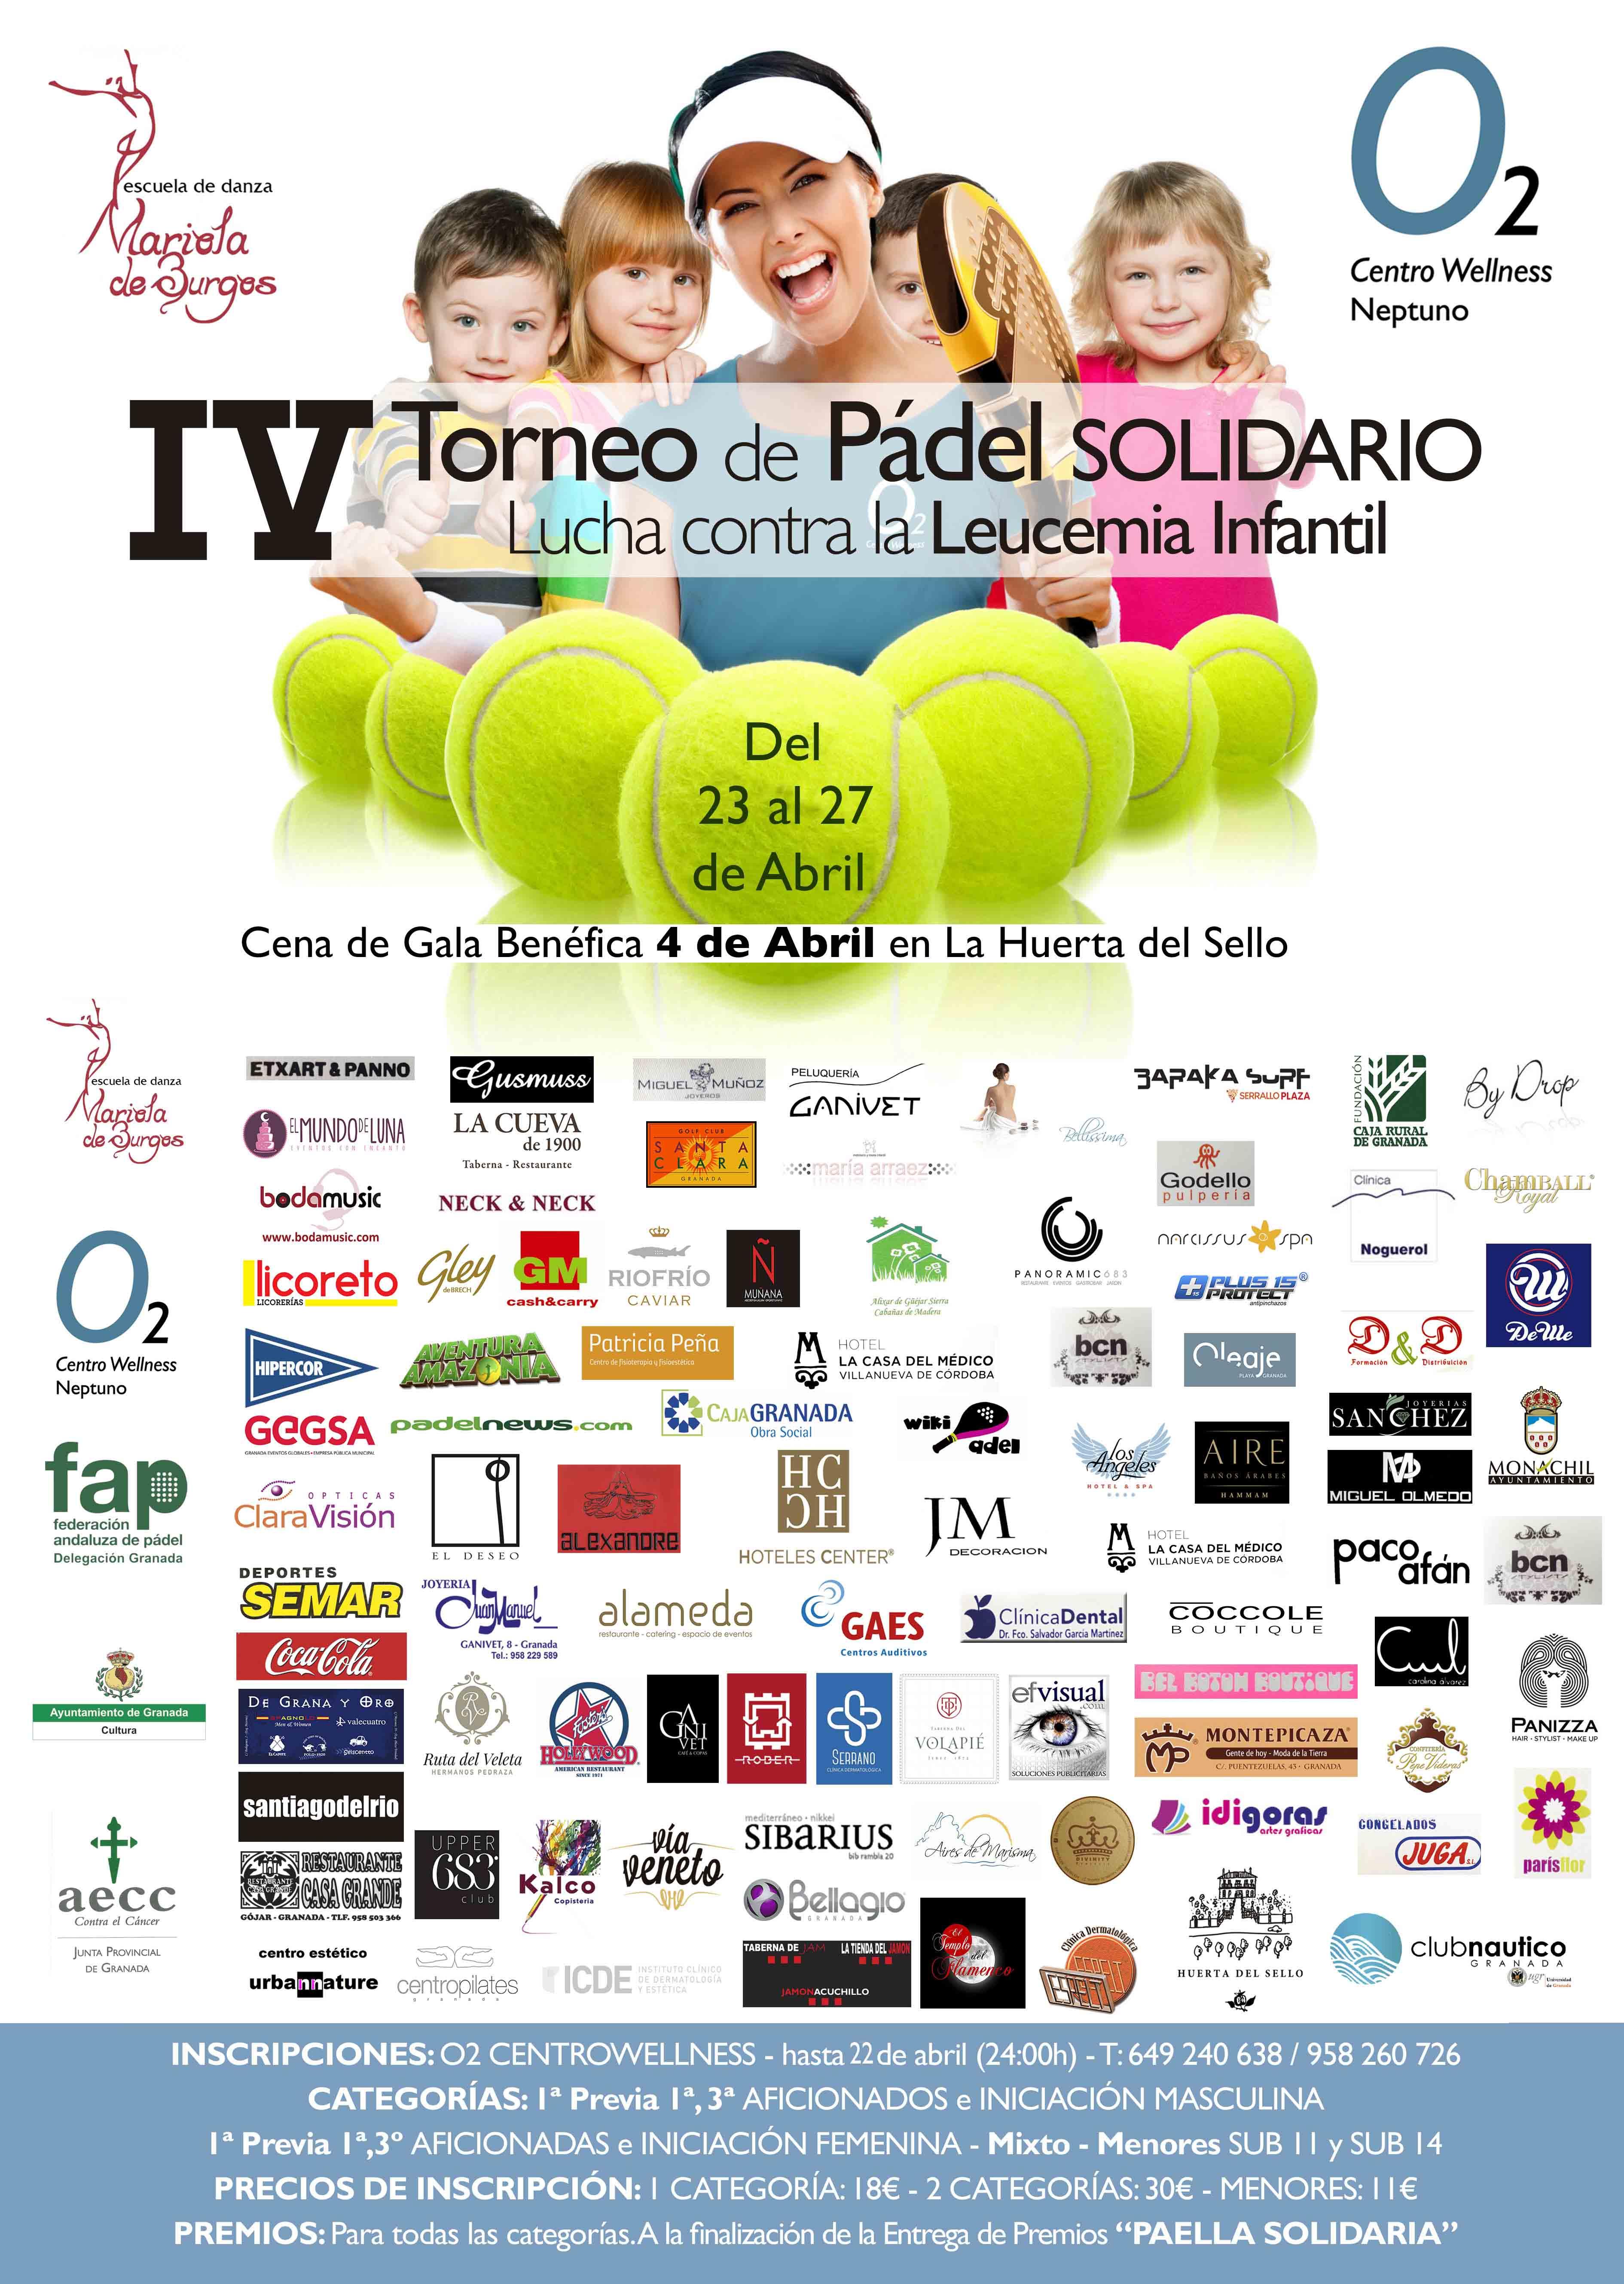 IV Torneo Pádel Solidario